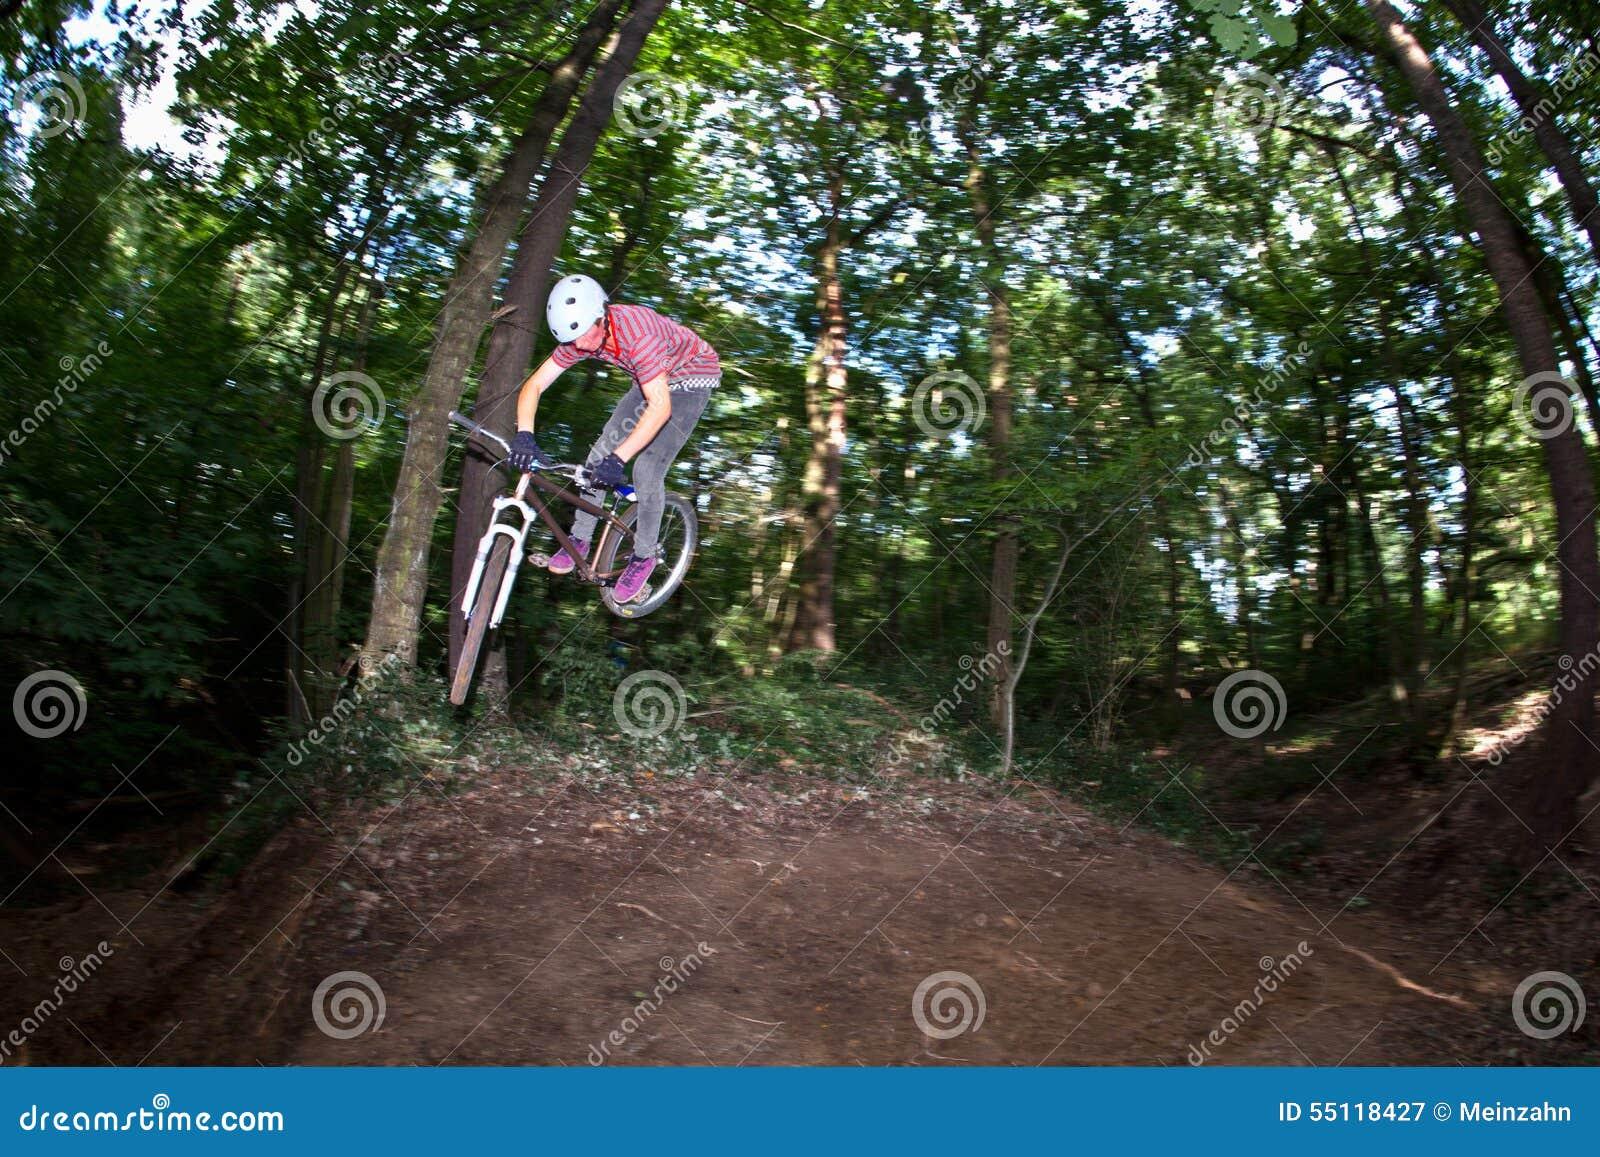 Salto Adolescente Lindo Con Su Bici Sobre Una Rampa Natural En Las ...